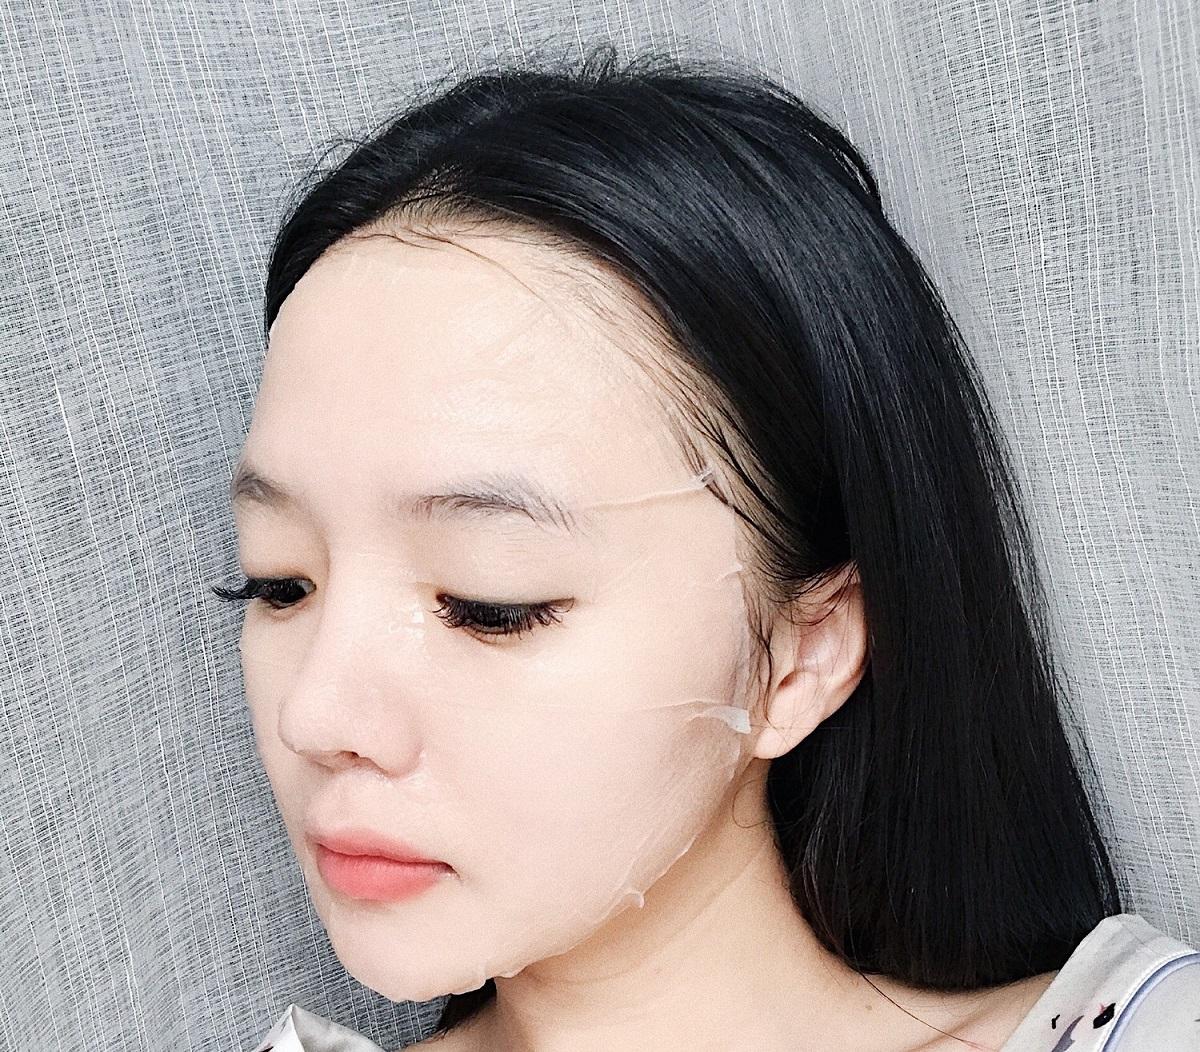 Mặt nạ Sakura 3D Face Mask có tốt không